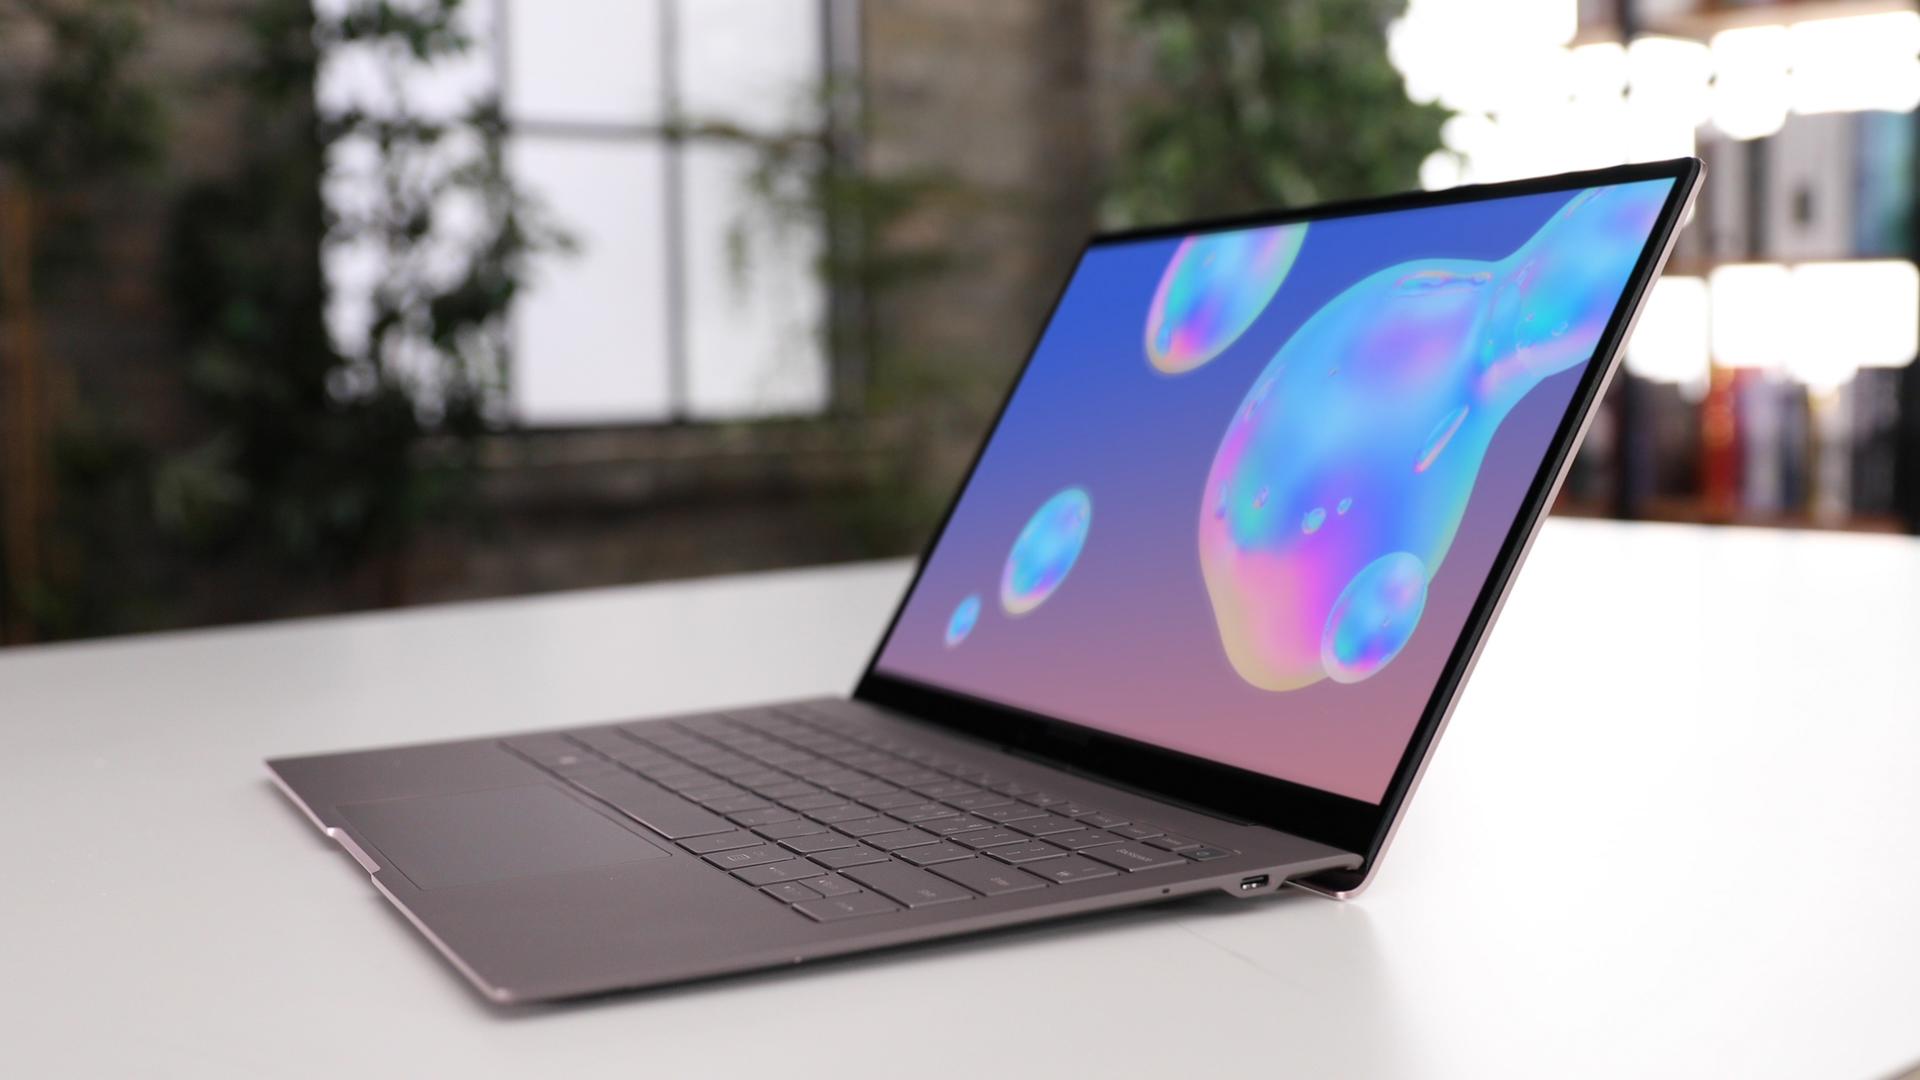 Dank Surface Pro X könnten sich Laptops mit Handy-Chips durchsetzen